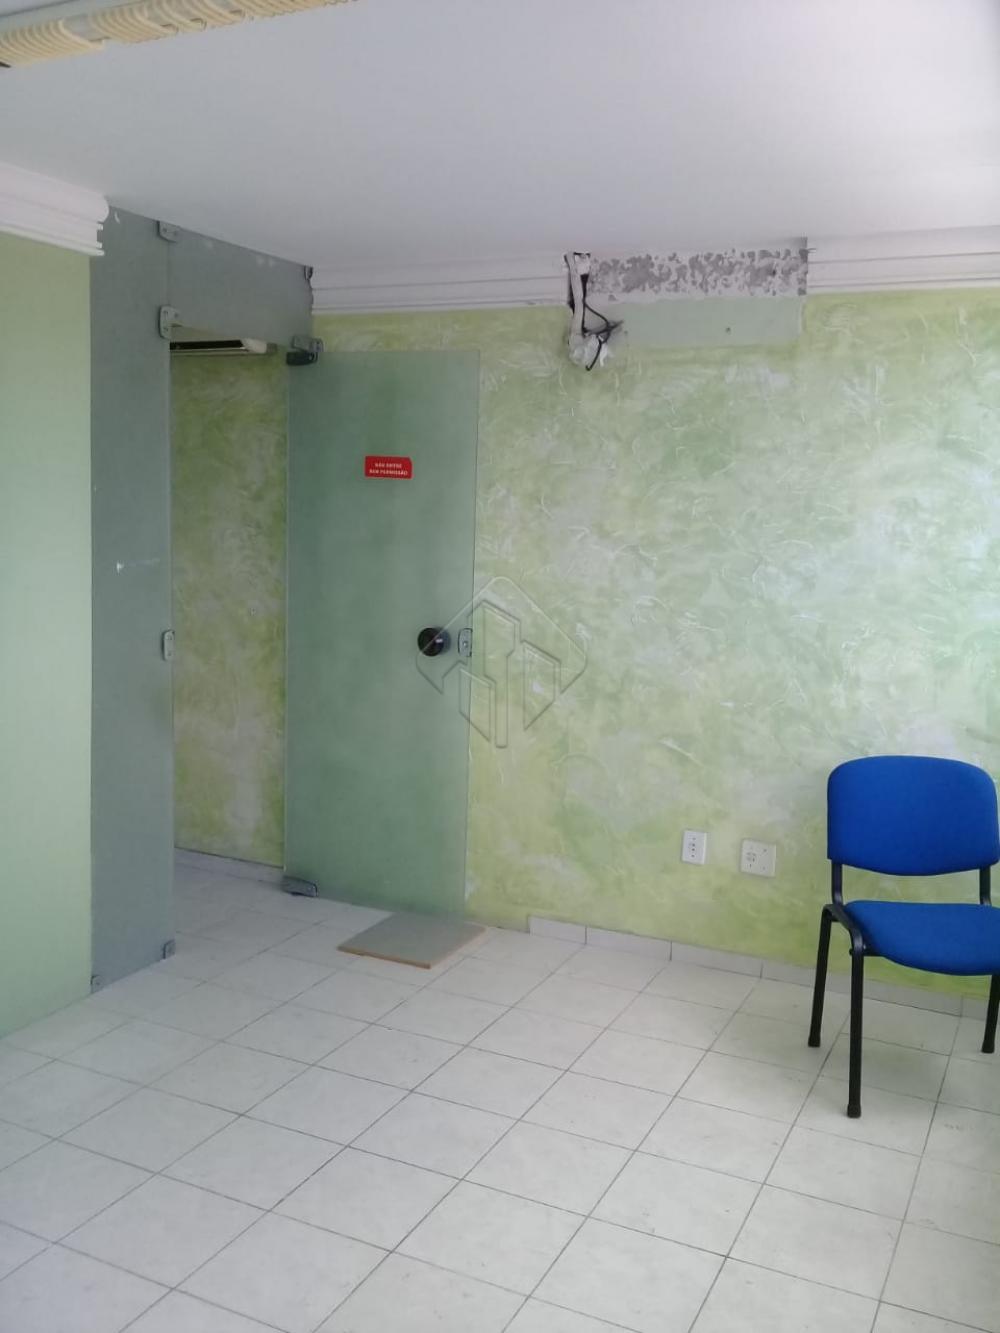 Alugar Comercial / Sala em João Pessoa apenas R$ 1.200,00 - Foto 4